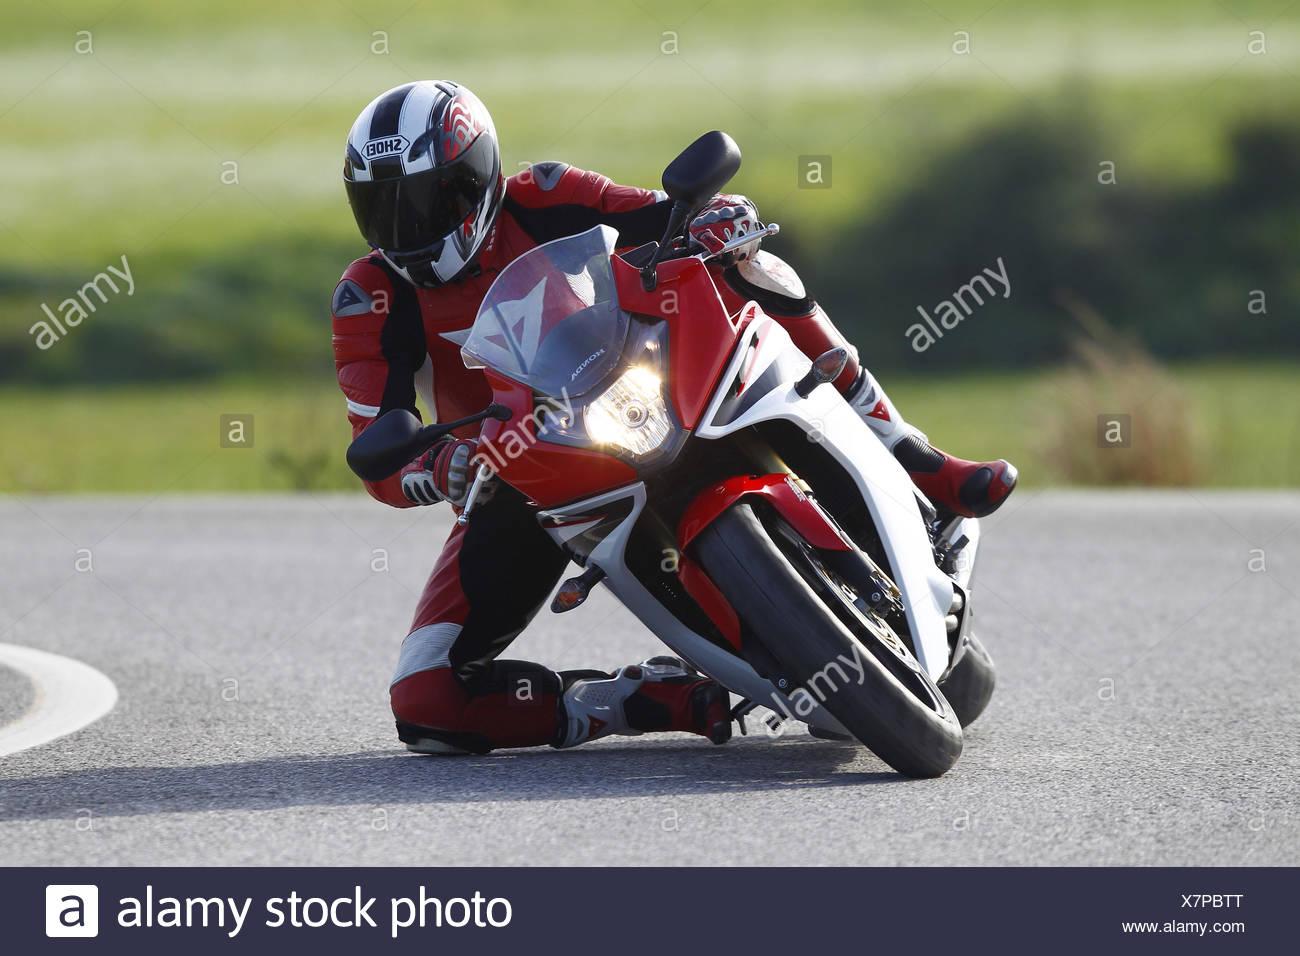 Motociclo Honda CBR 600 F, curva, inclinazione e spostamento, con testa, ginocchio sulla terra, Immagini Stock